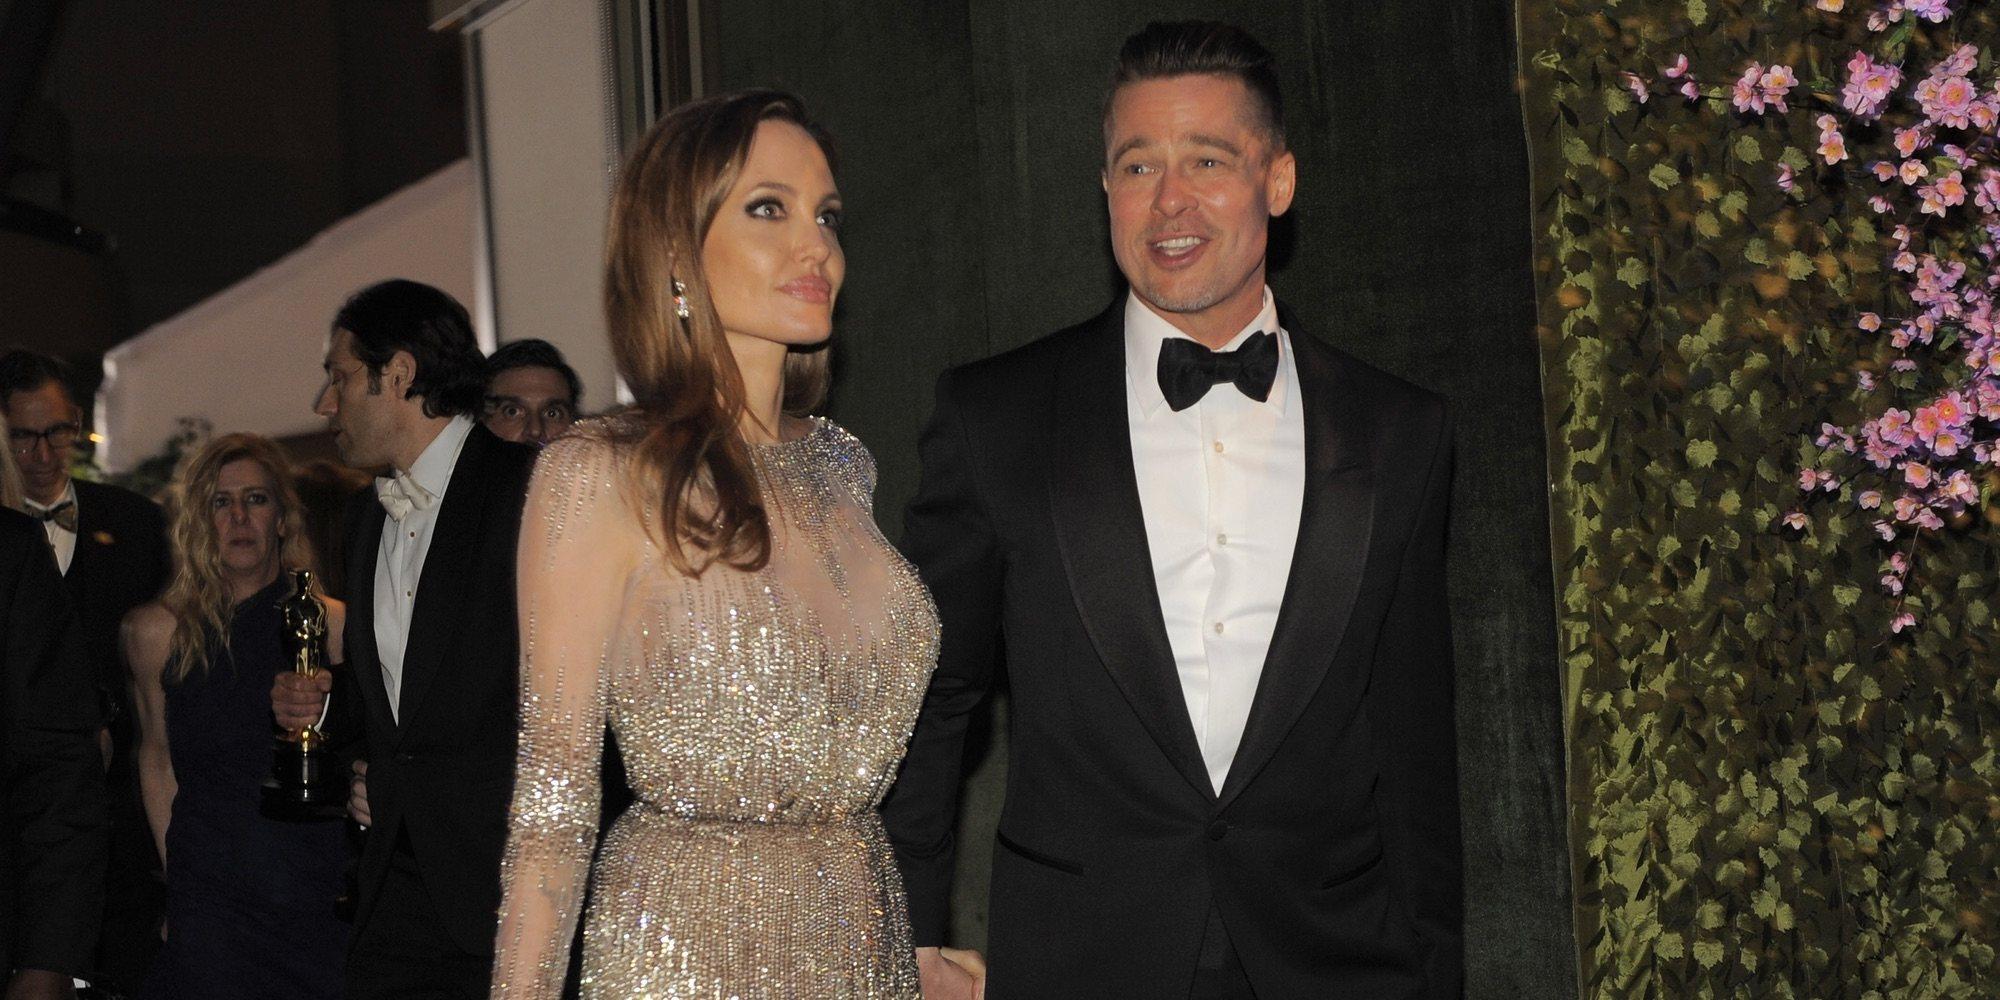 Angelina Jolie ofrece a Brad Pitt que cuide a los hijos que tienen en común durante el verano 2019